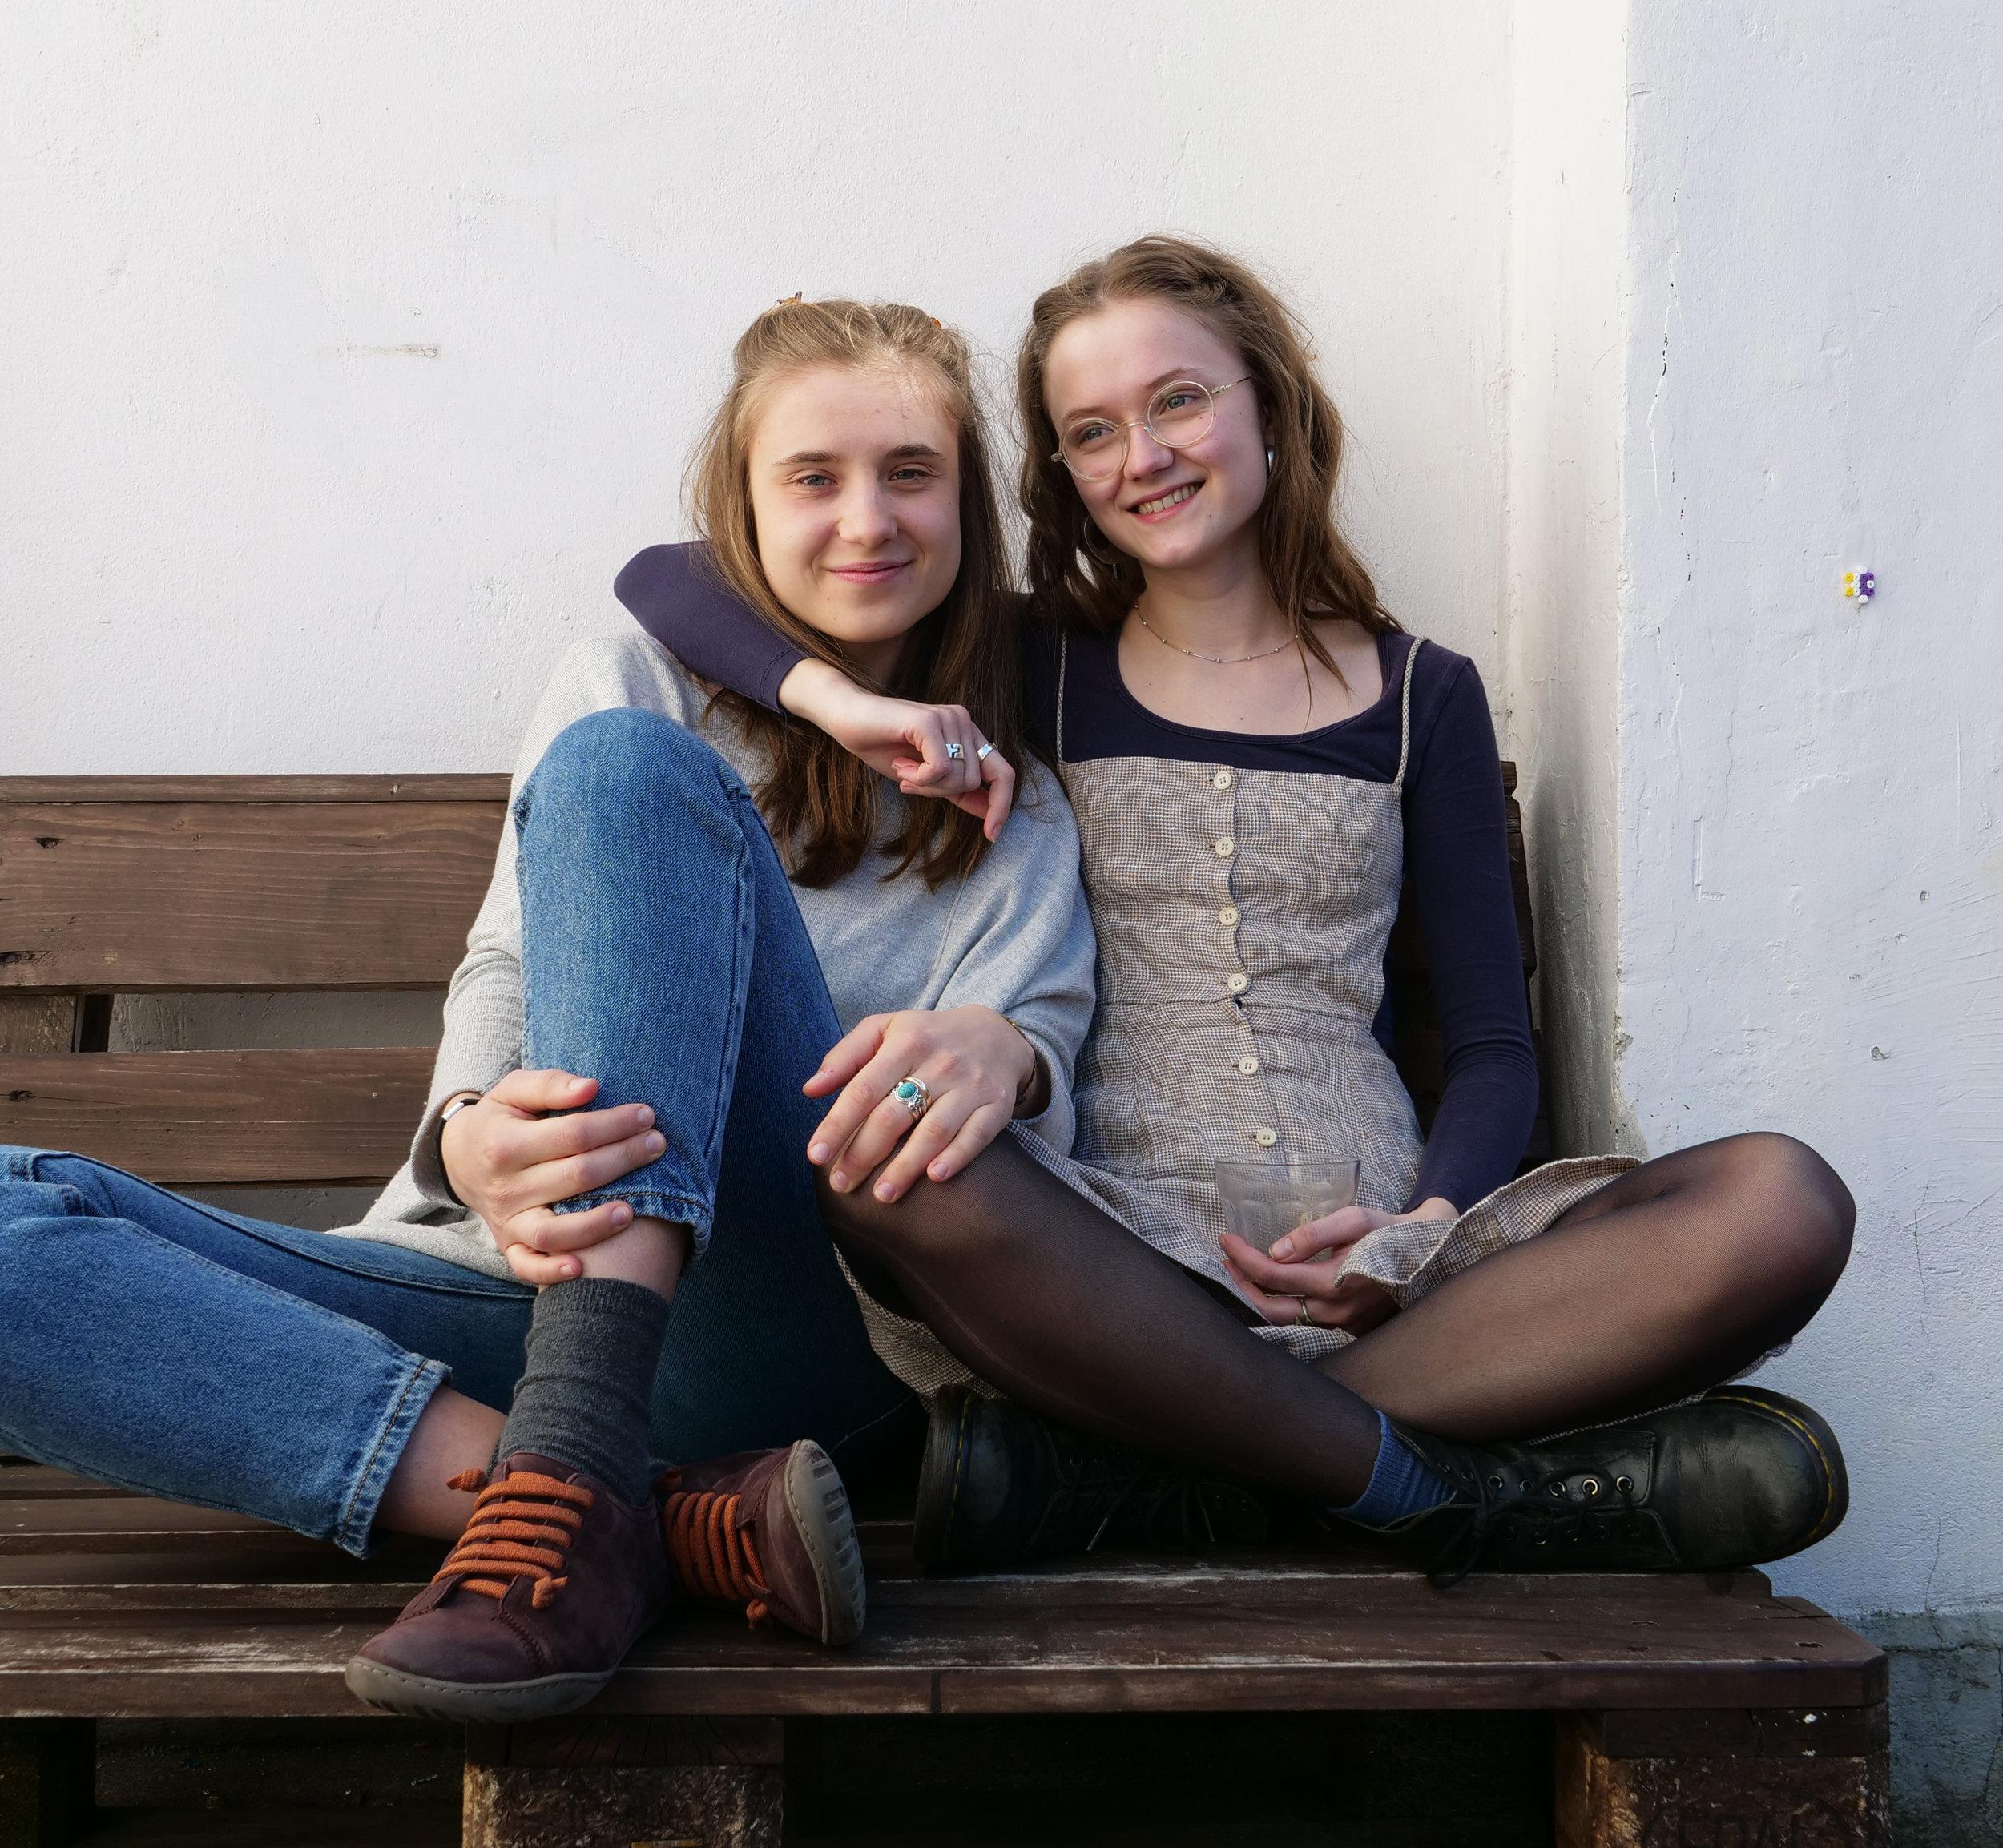 Emilia and Ellen in Trampoline House's garden. Photo: Viktoria Steinhart